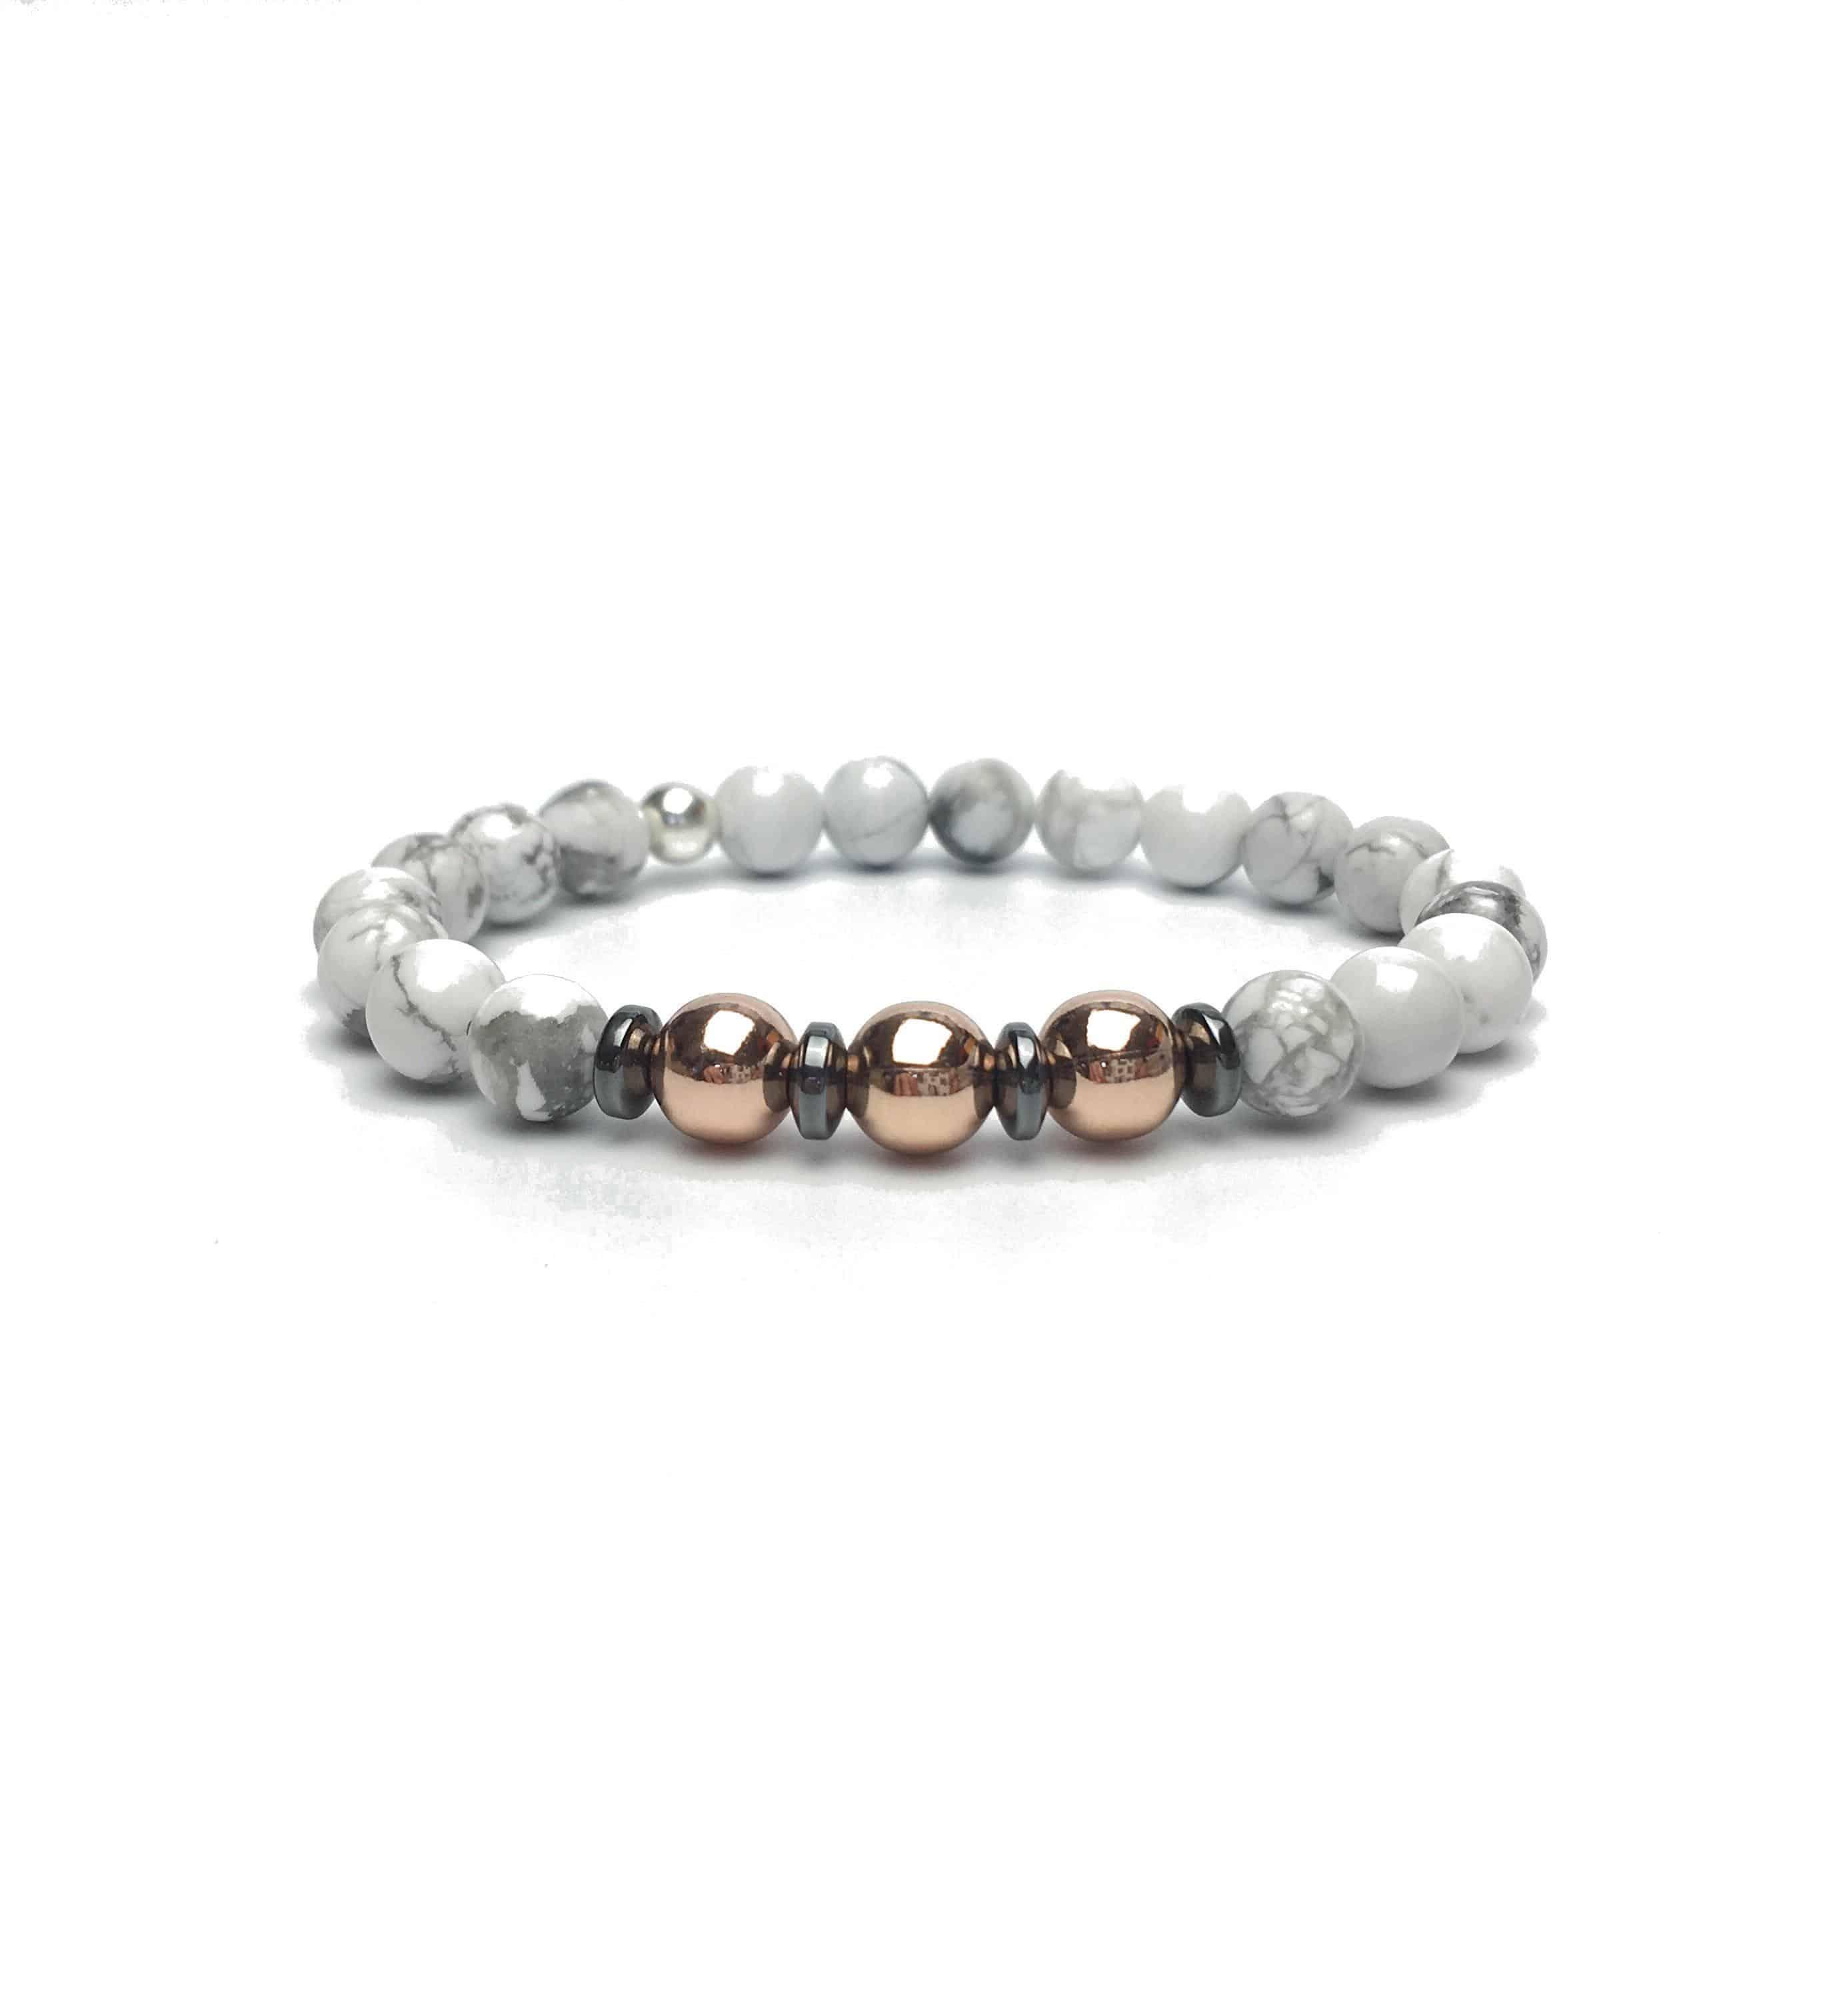 Grade A White Howlite and Rose Coloured Bracelet